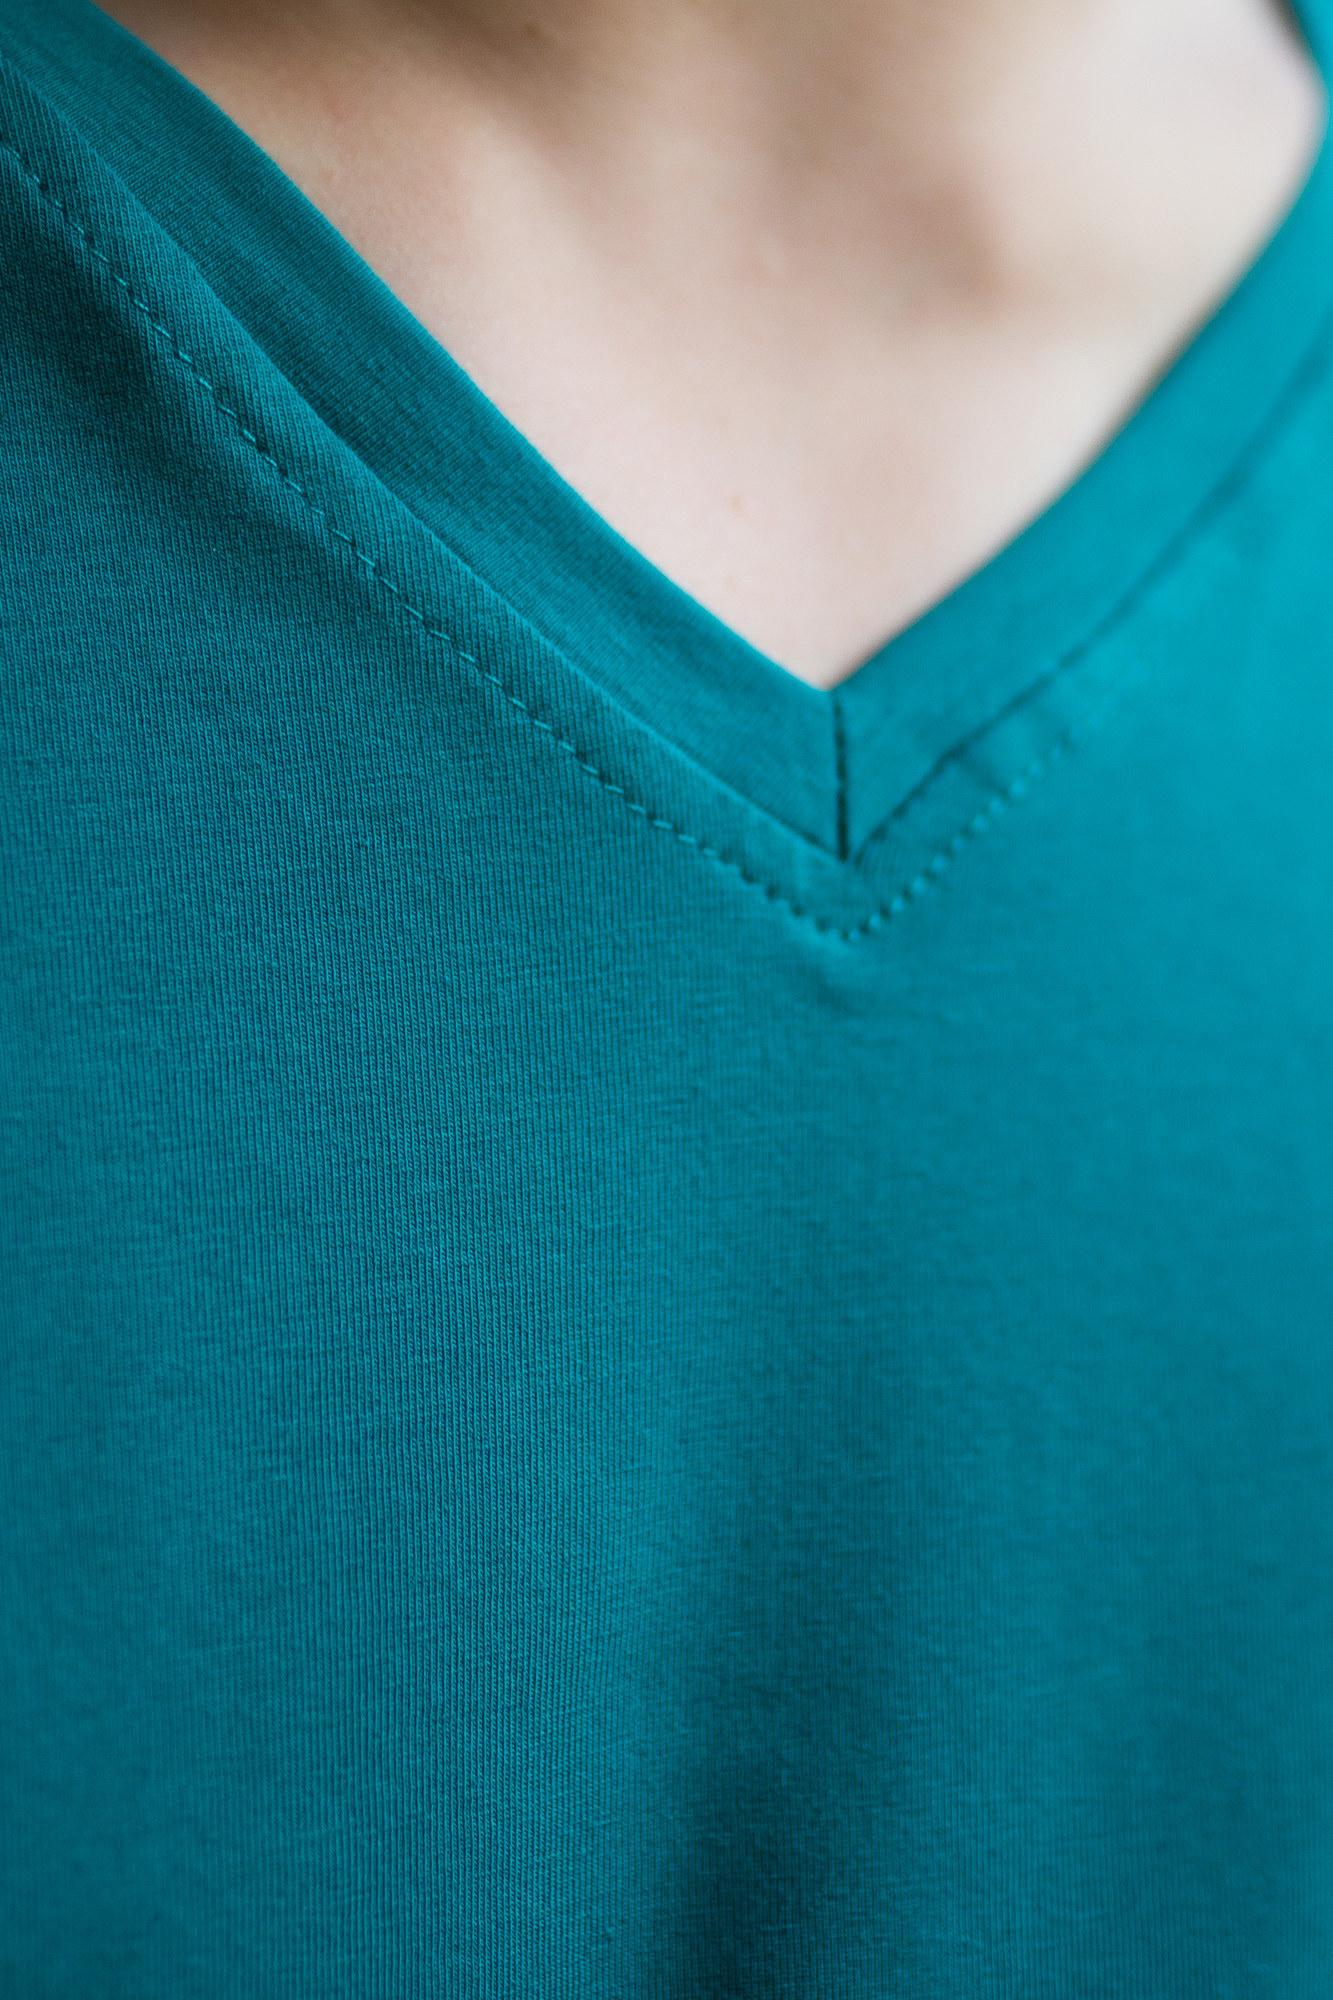 GEN Бирюзовая футболка с V-образным вырезом - Фото 3